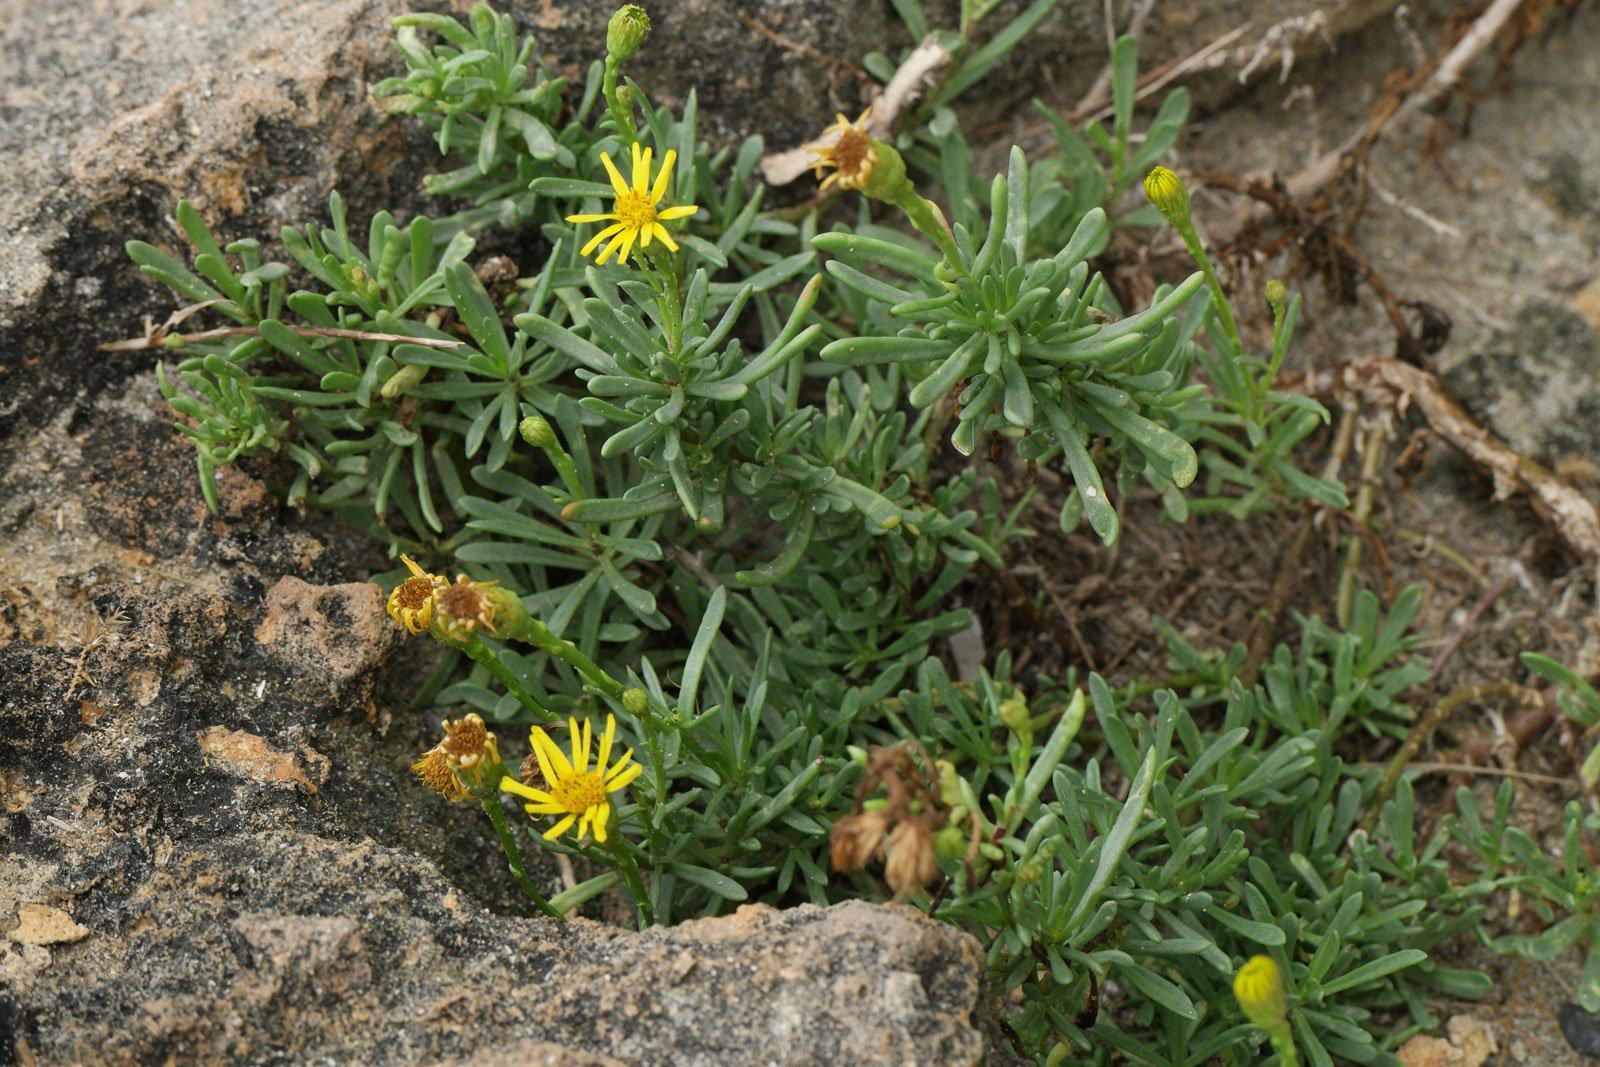 Limbarda crithmoides